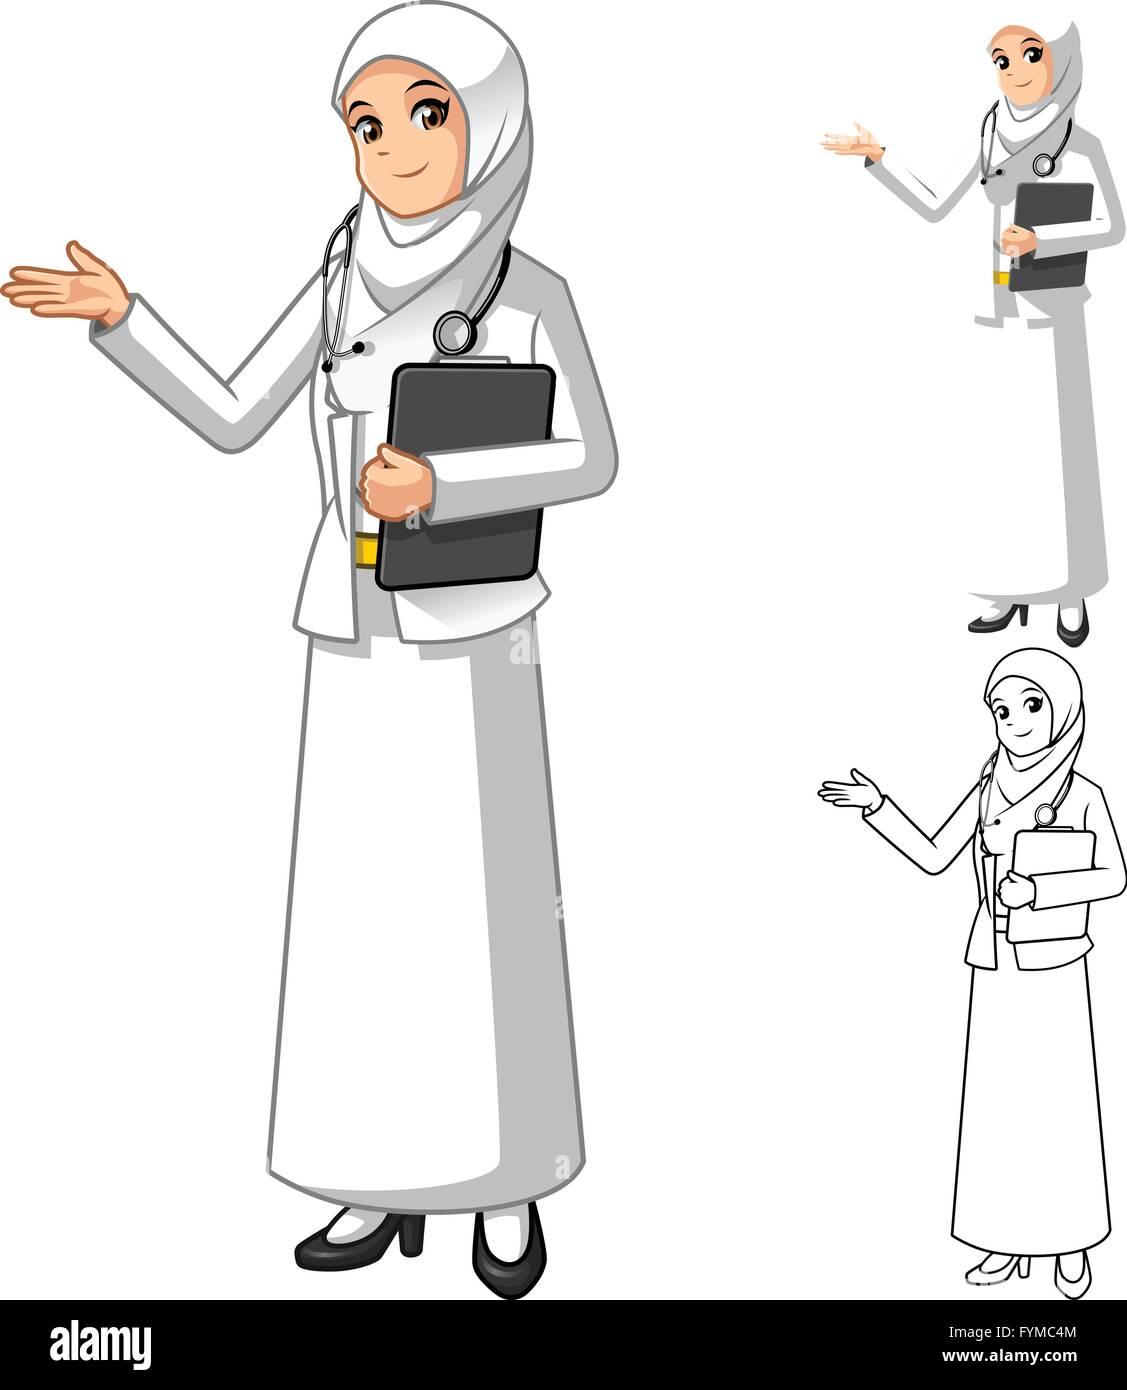 Femme Medecin Musulmane Portant Le Voile Ou Un Foulard Blanc Avec Mains Accueillant Personnage Vector Illustration Image Vectorielle Stock Alamy